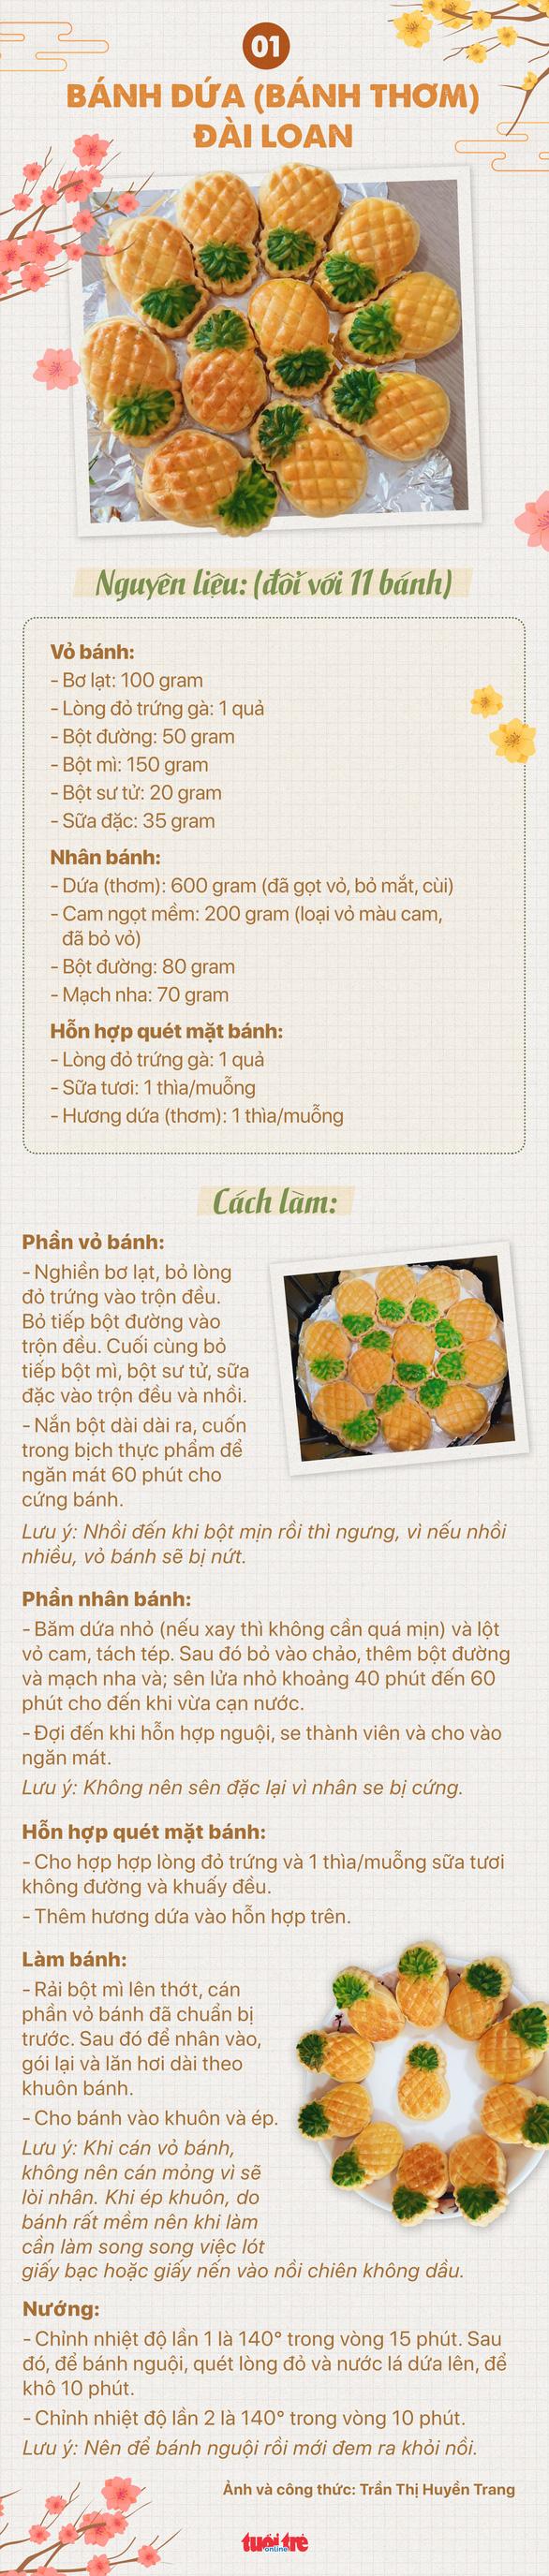 5 món ăn vặt cực dễ cho ngày tết làm từ nồi chiên không dầu - Ảnh 1.